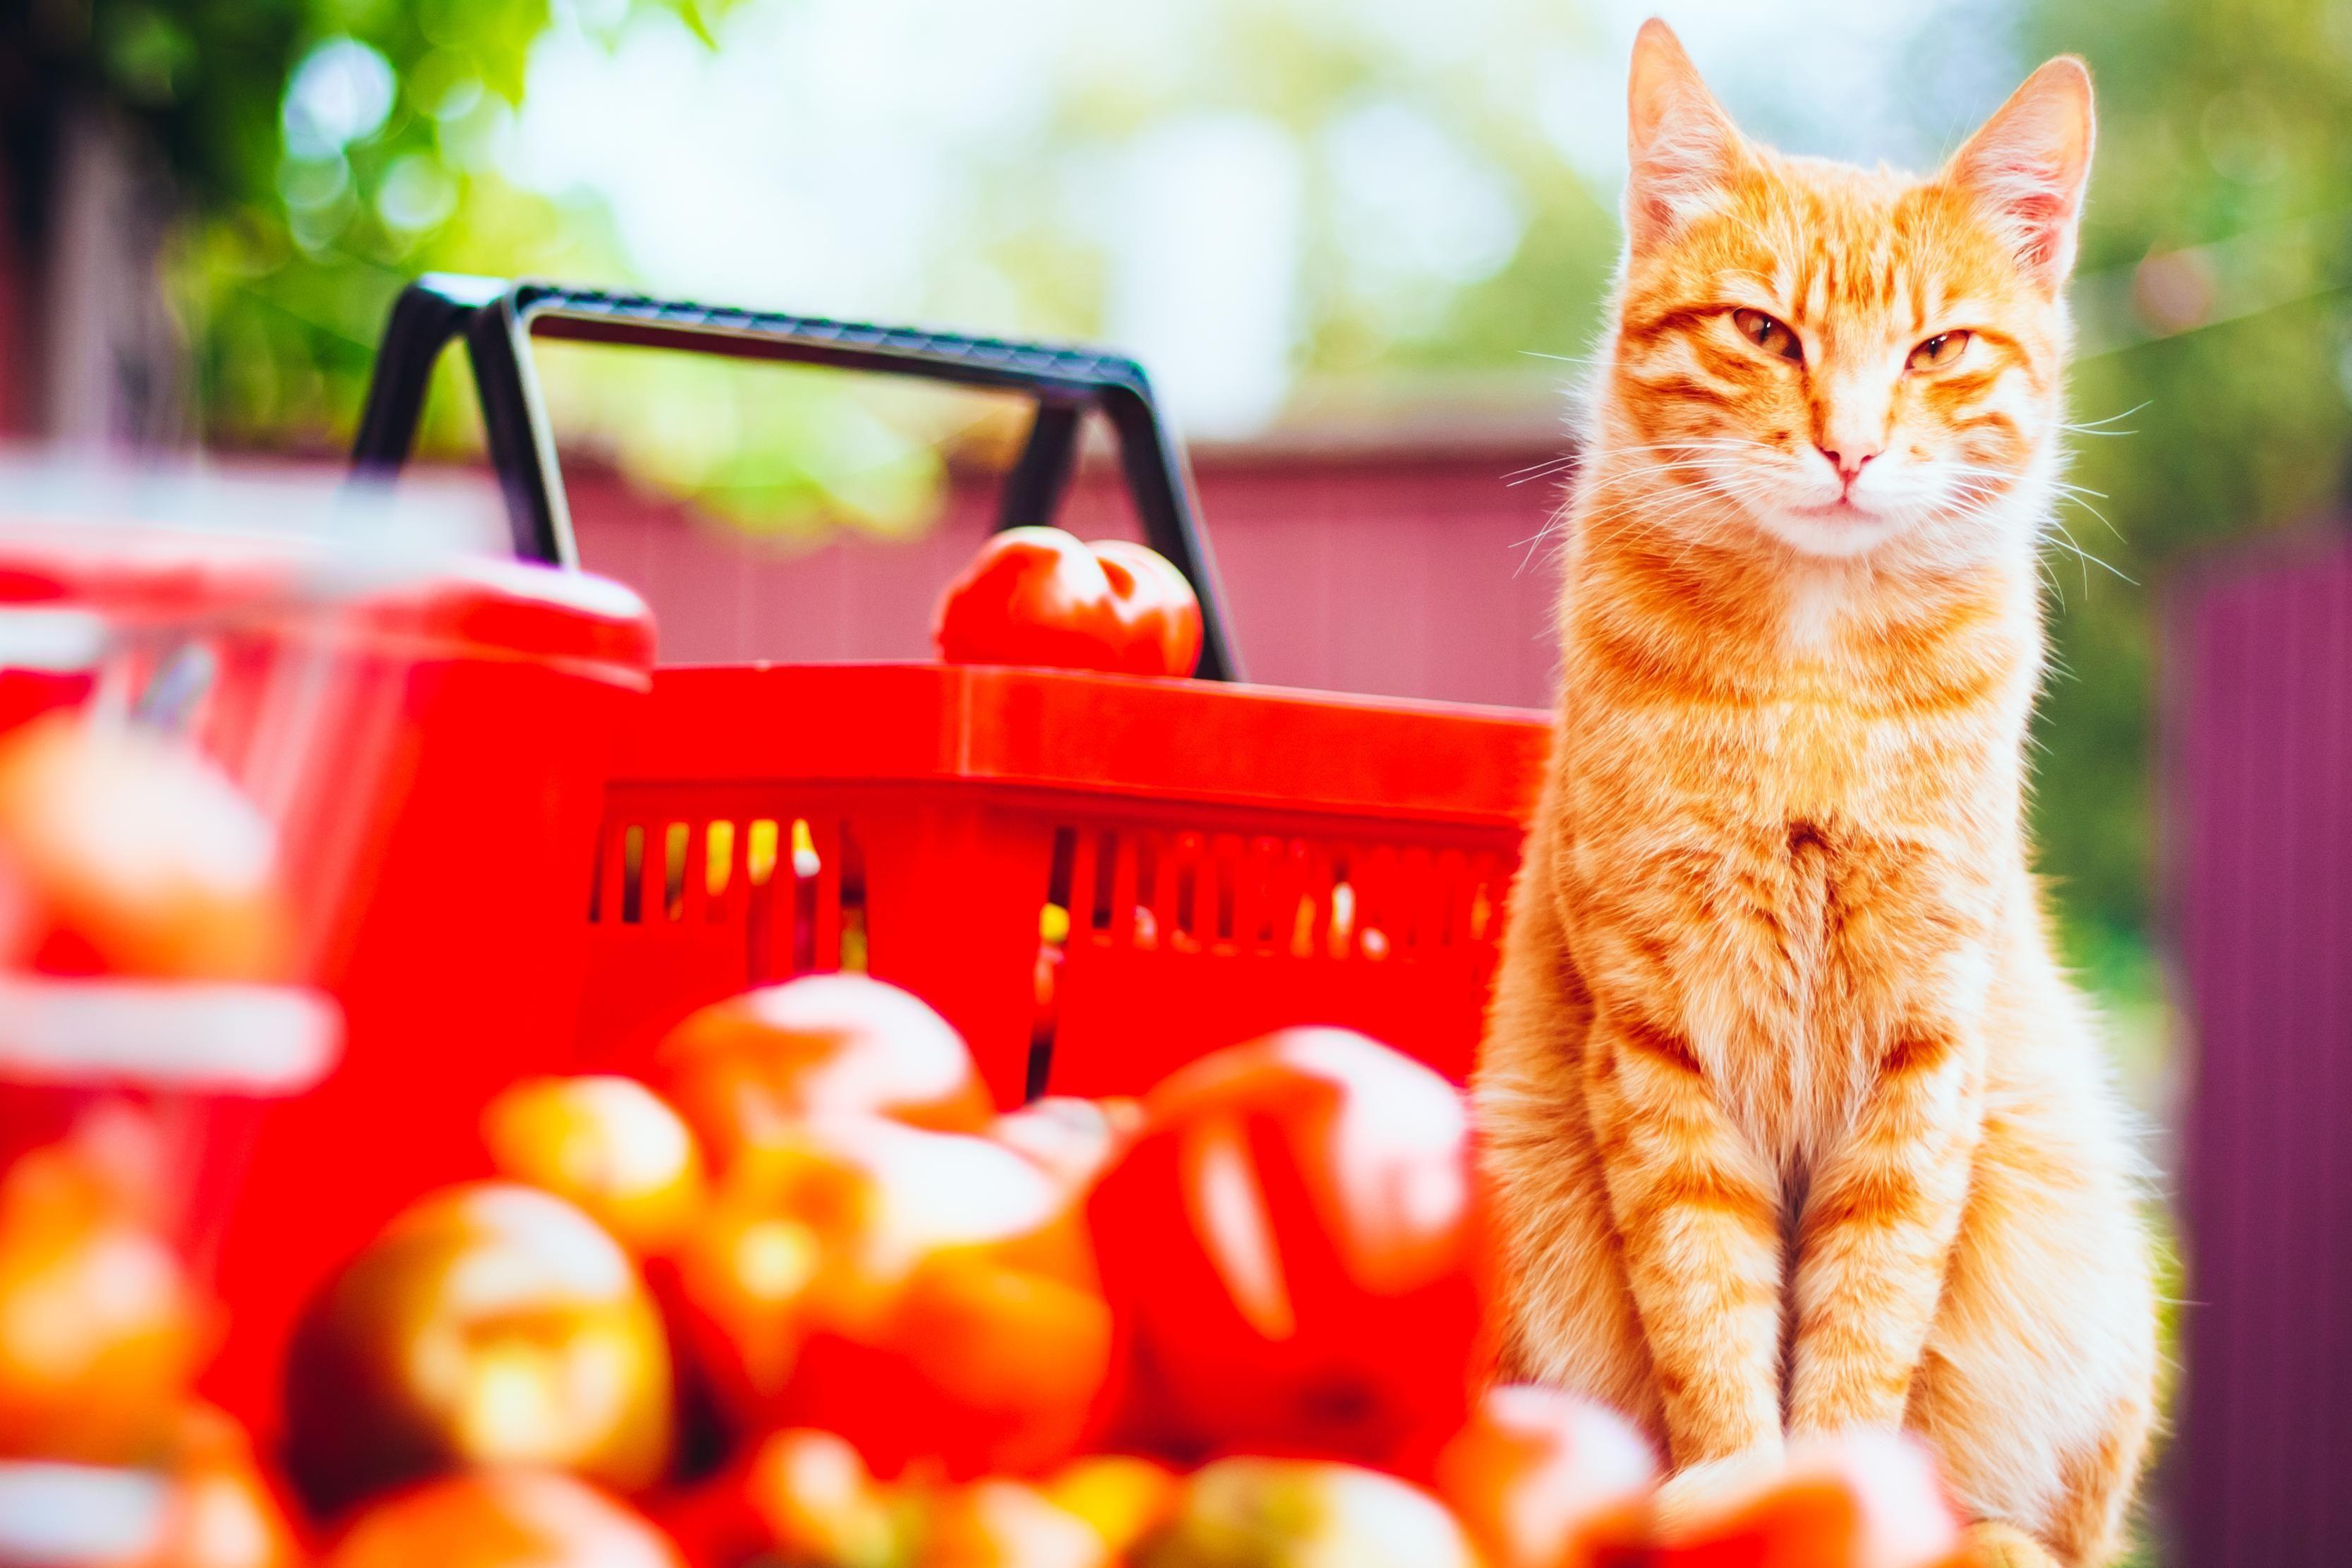 Les besoins en vitamines, minéraux et oligoéléments du chat